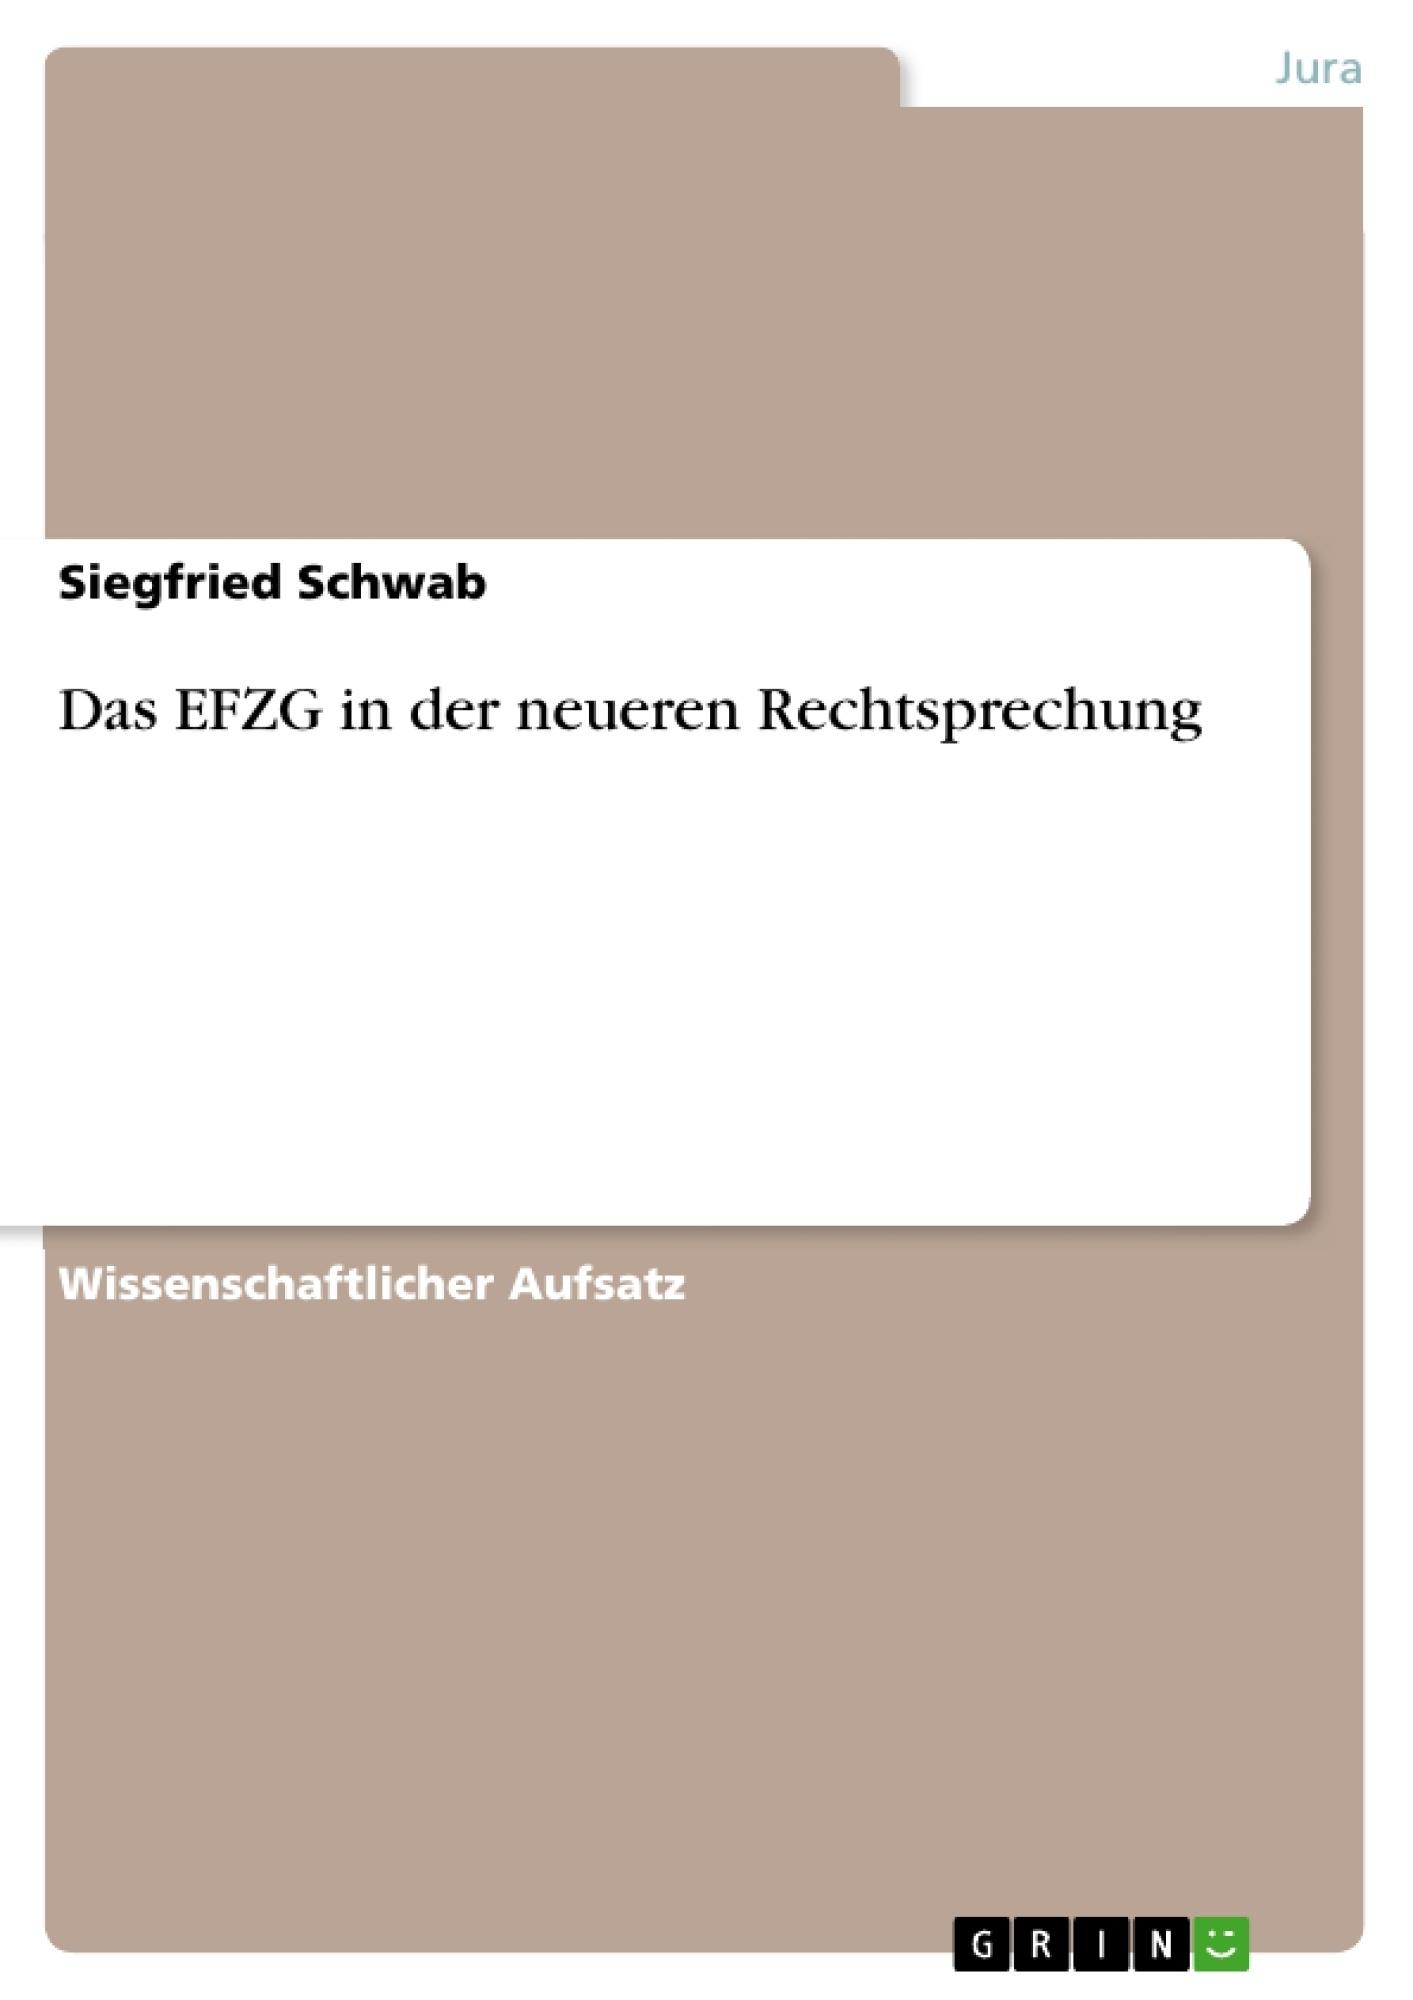 Titel: Das EFZG in der neueren Rechtsprechung